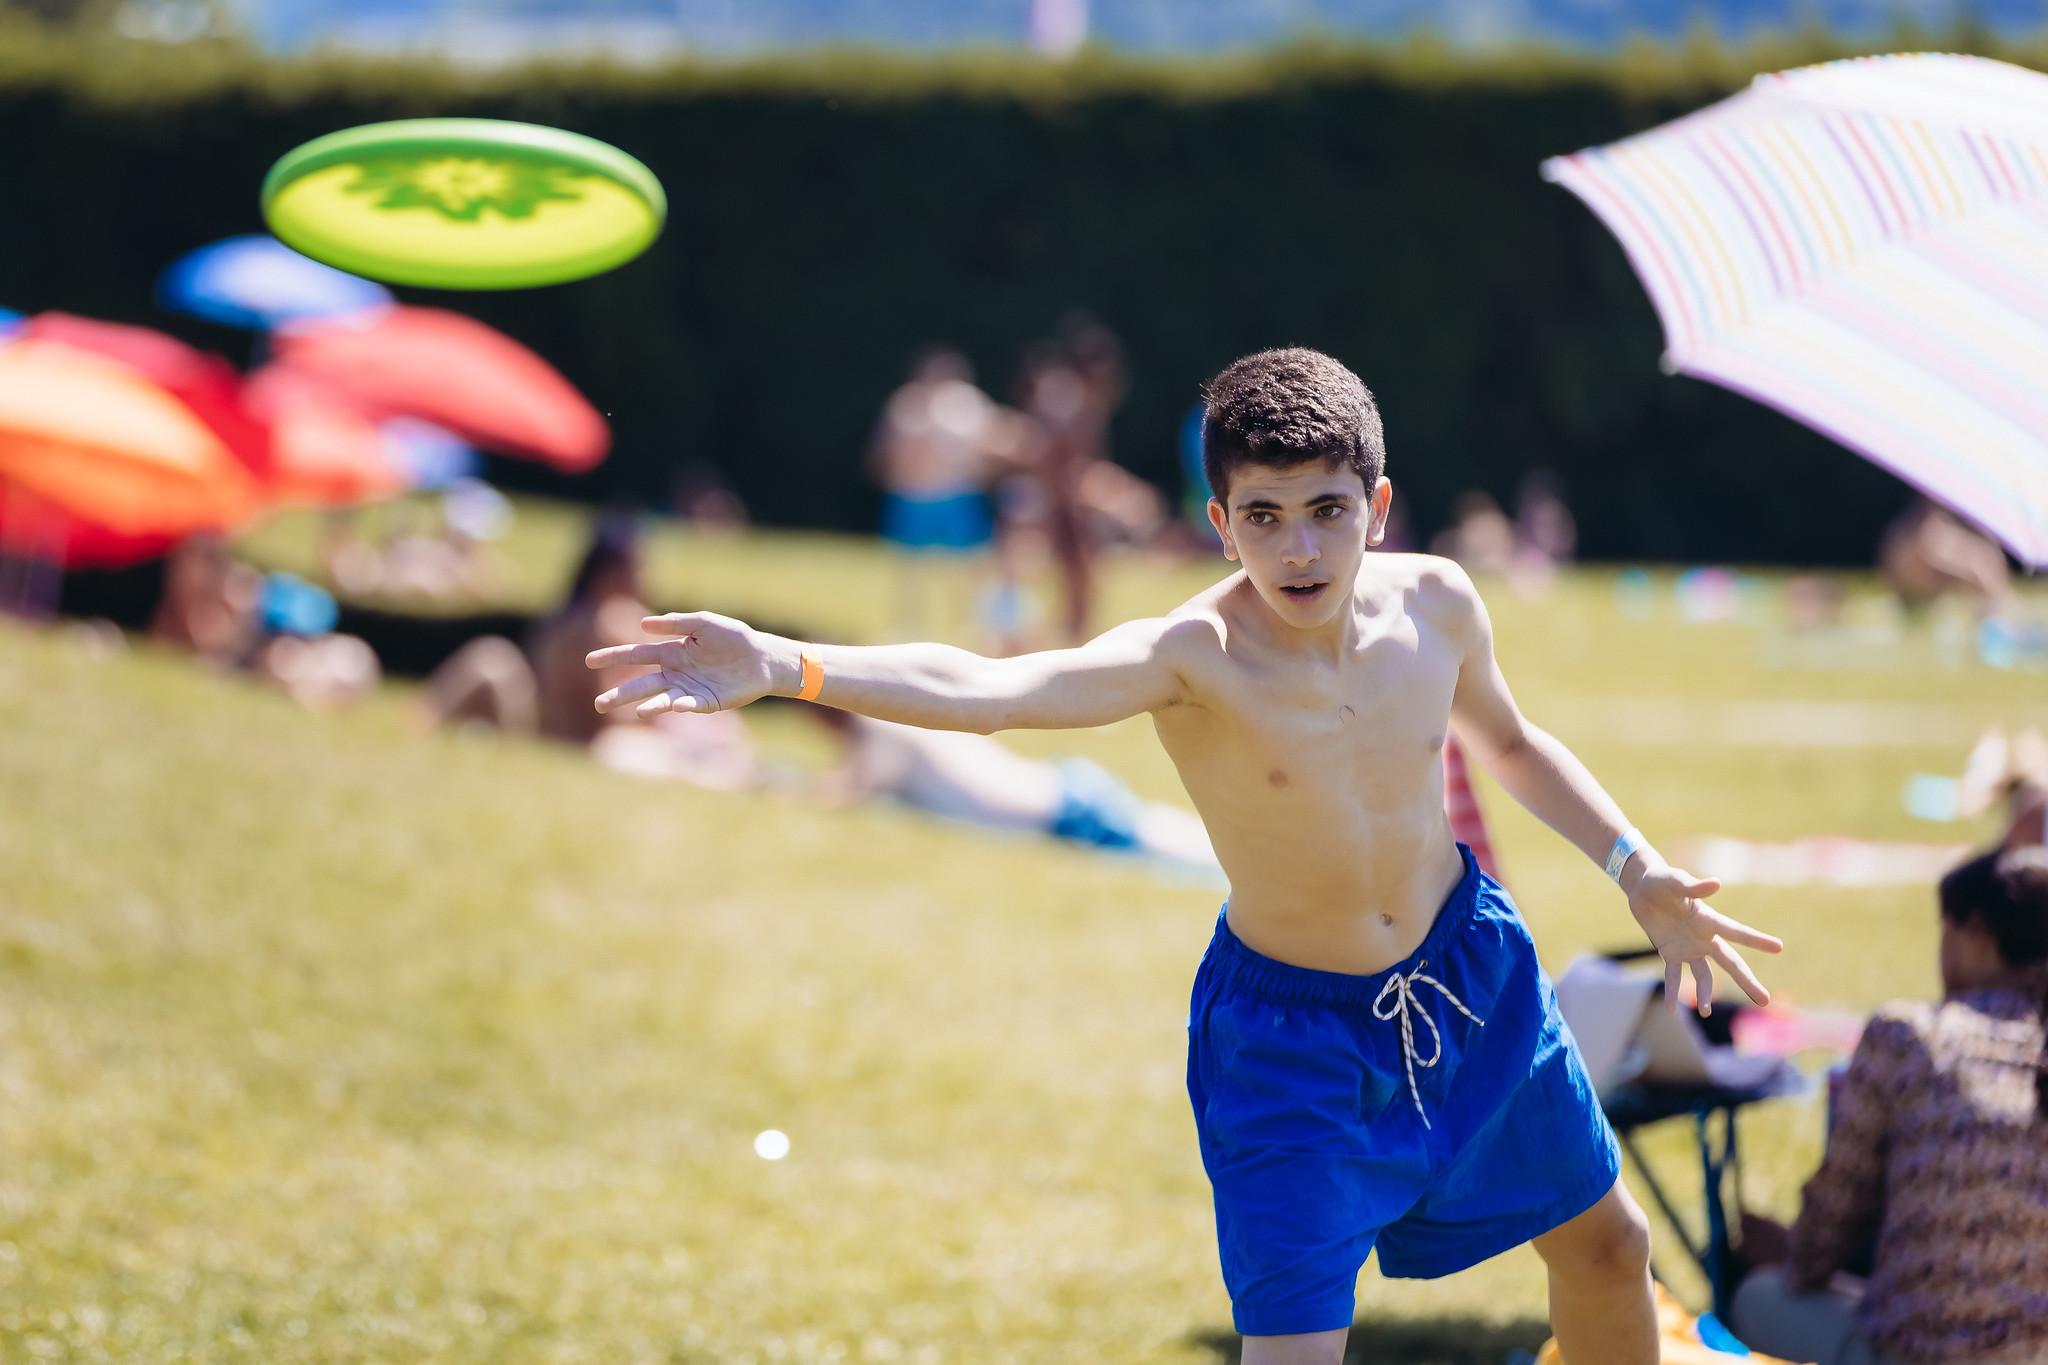 Frisbee at the lake!